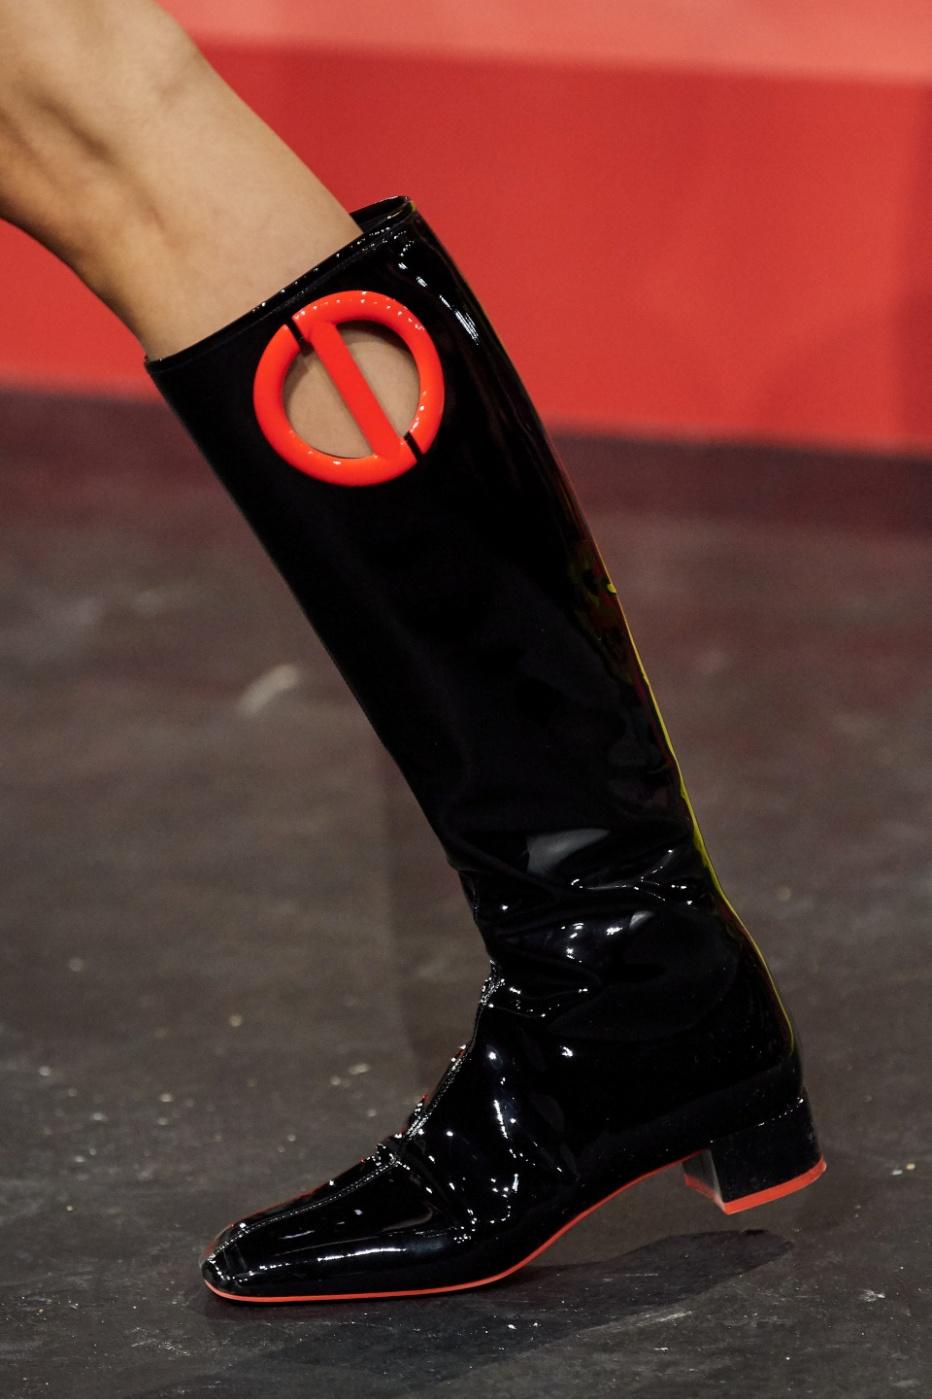 Paris 1. logo Christian Dior go-go boots vogue.jpg